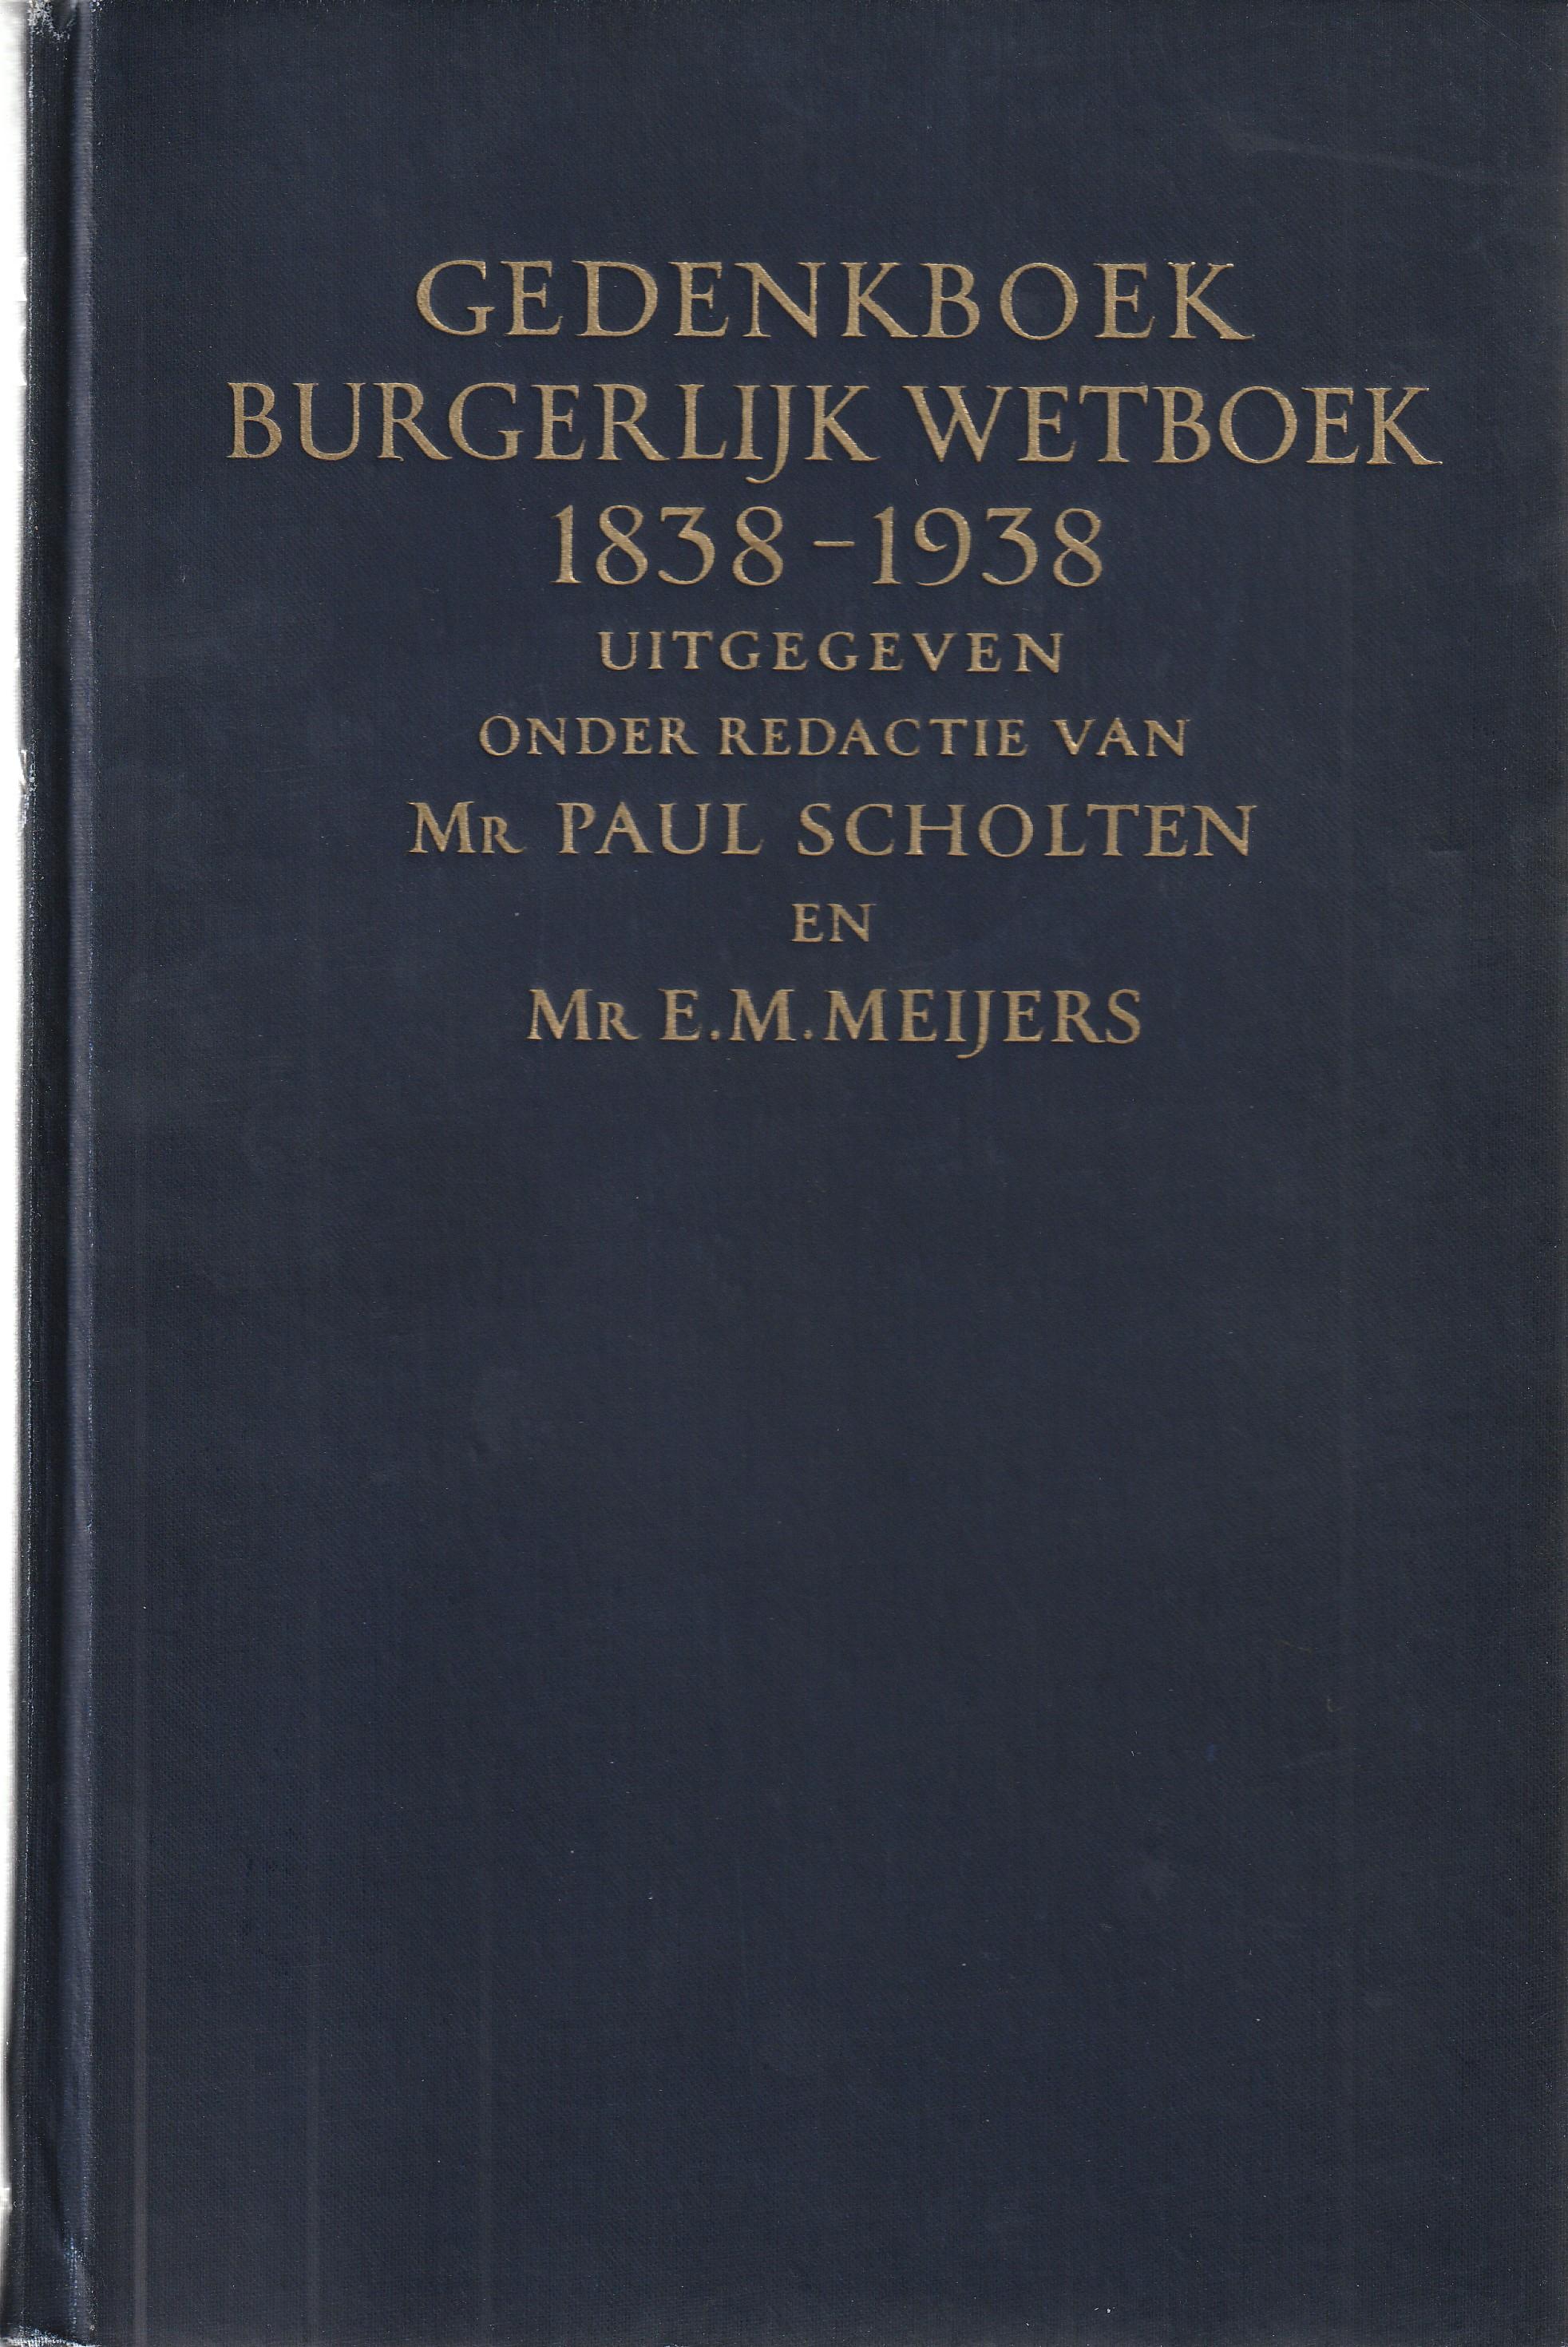 Gedenkboek Burgerlijk Wetboek 1838-1938